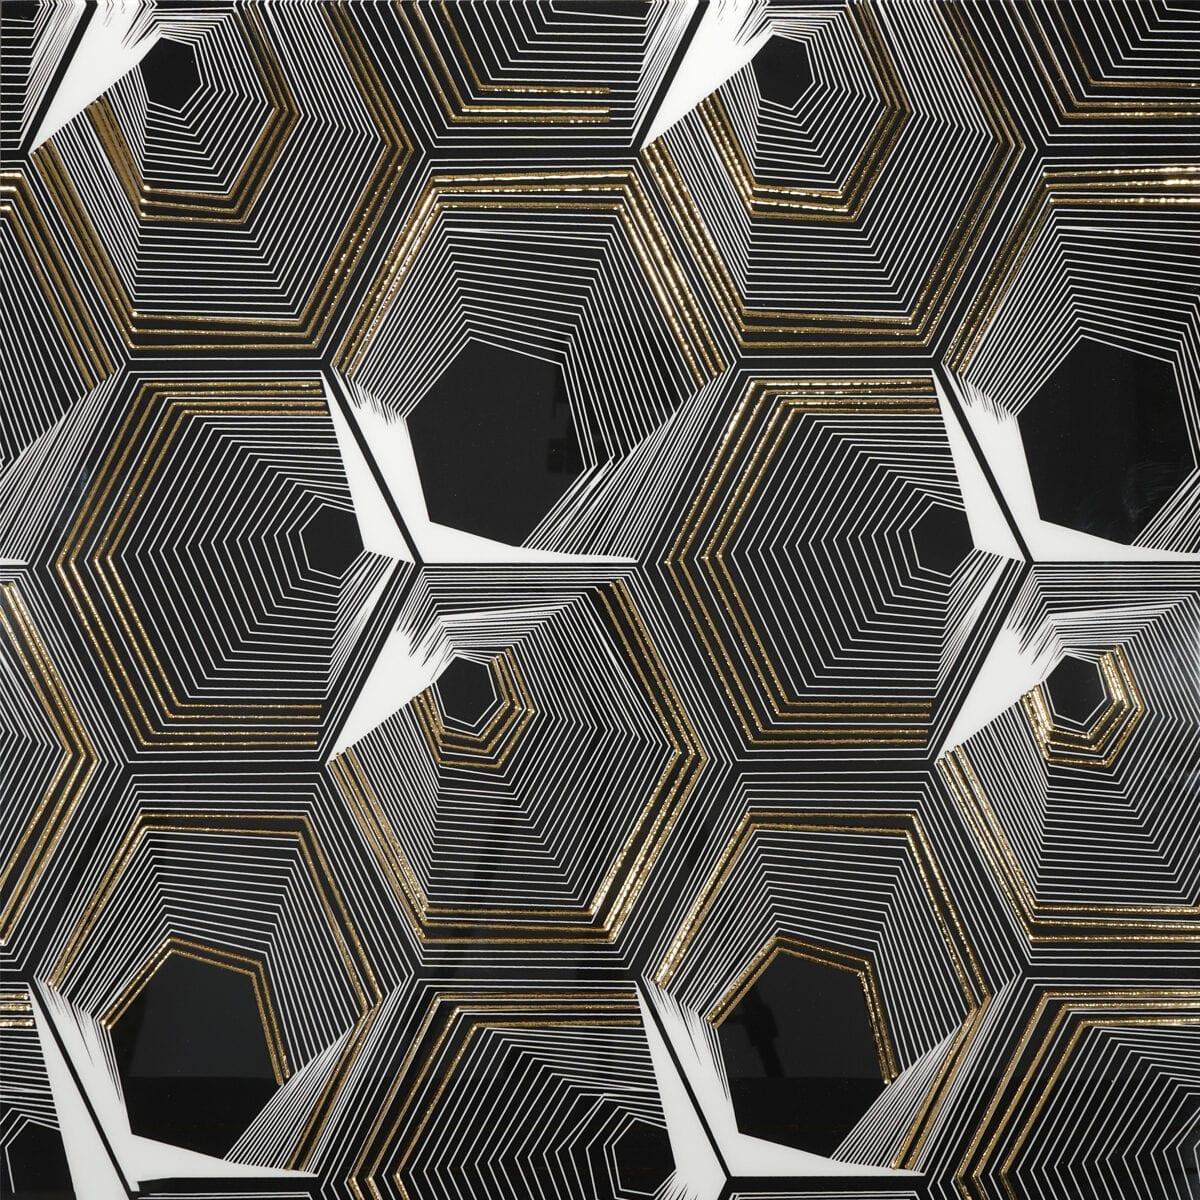 Helena Copper Grey Black 24x24 D50598